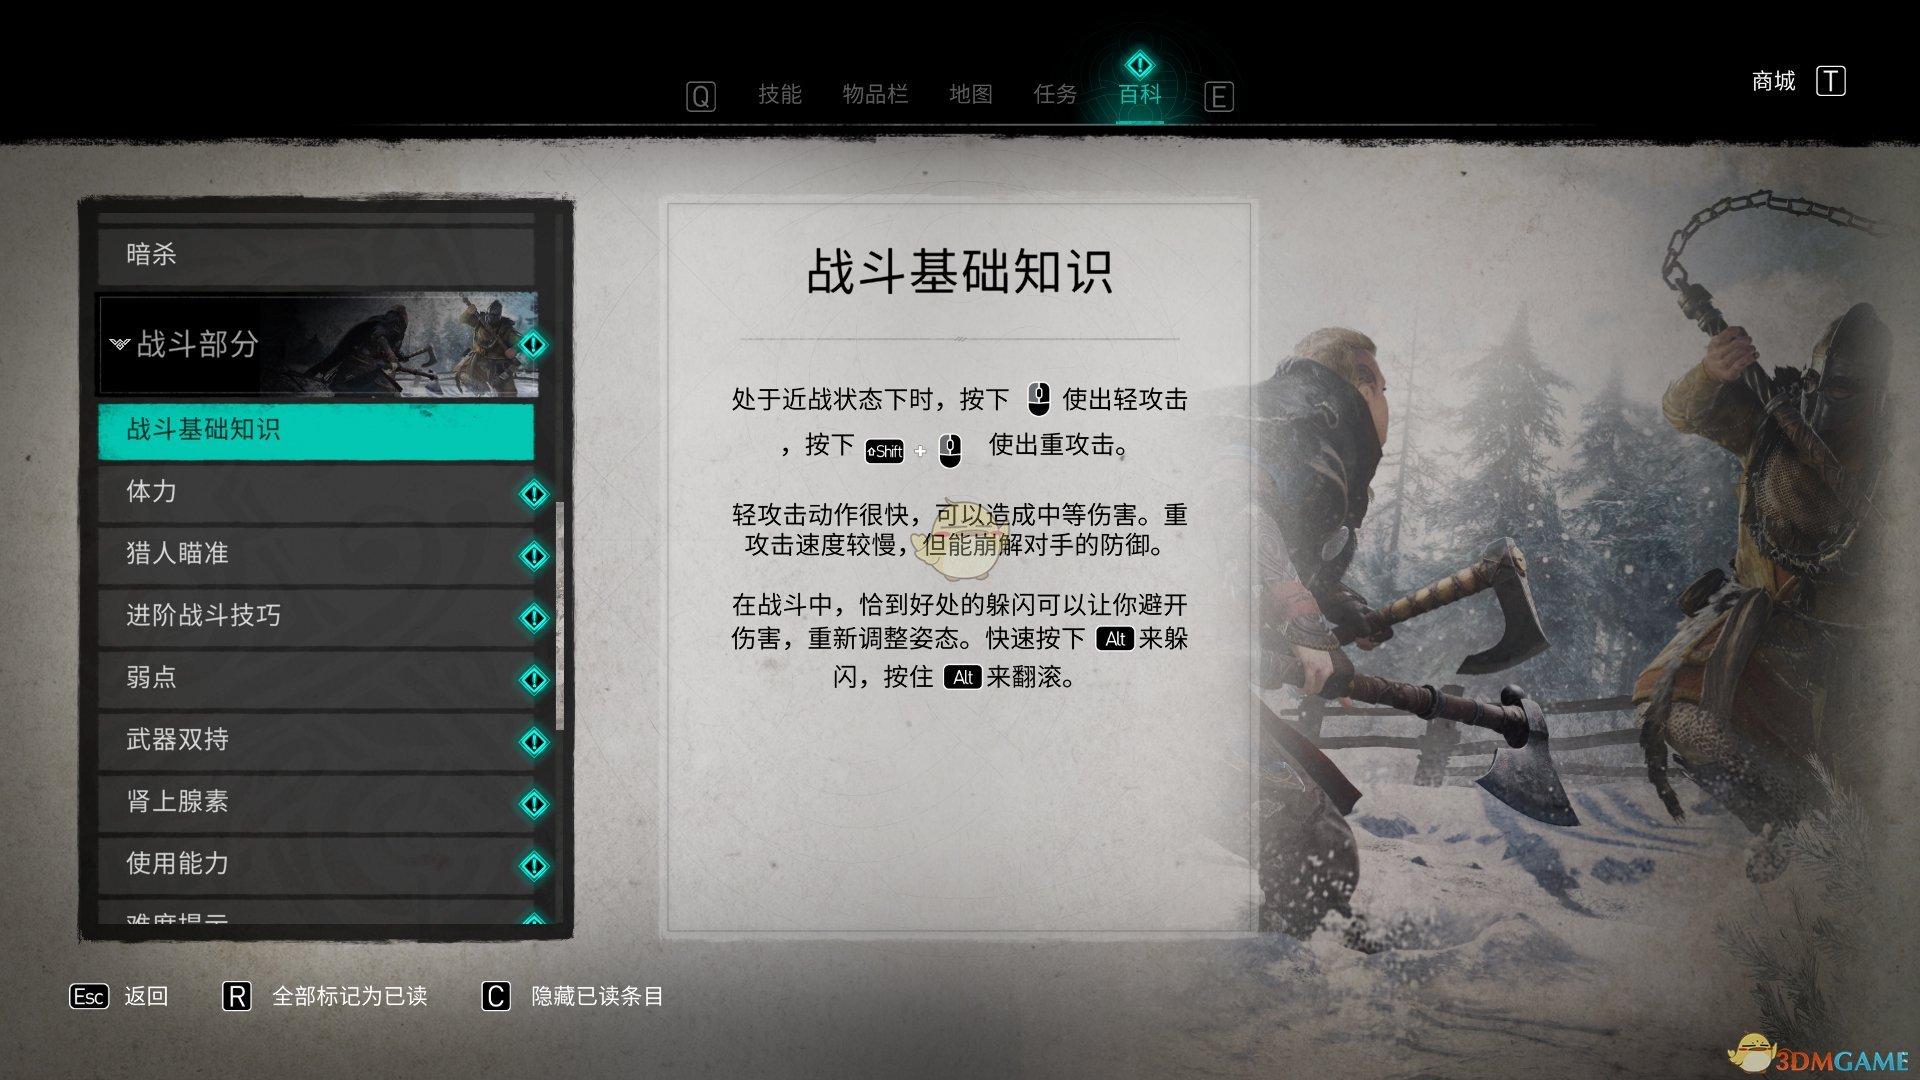 《刺客信条:英灵殿》战斗基础知识介绍